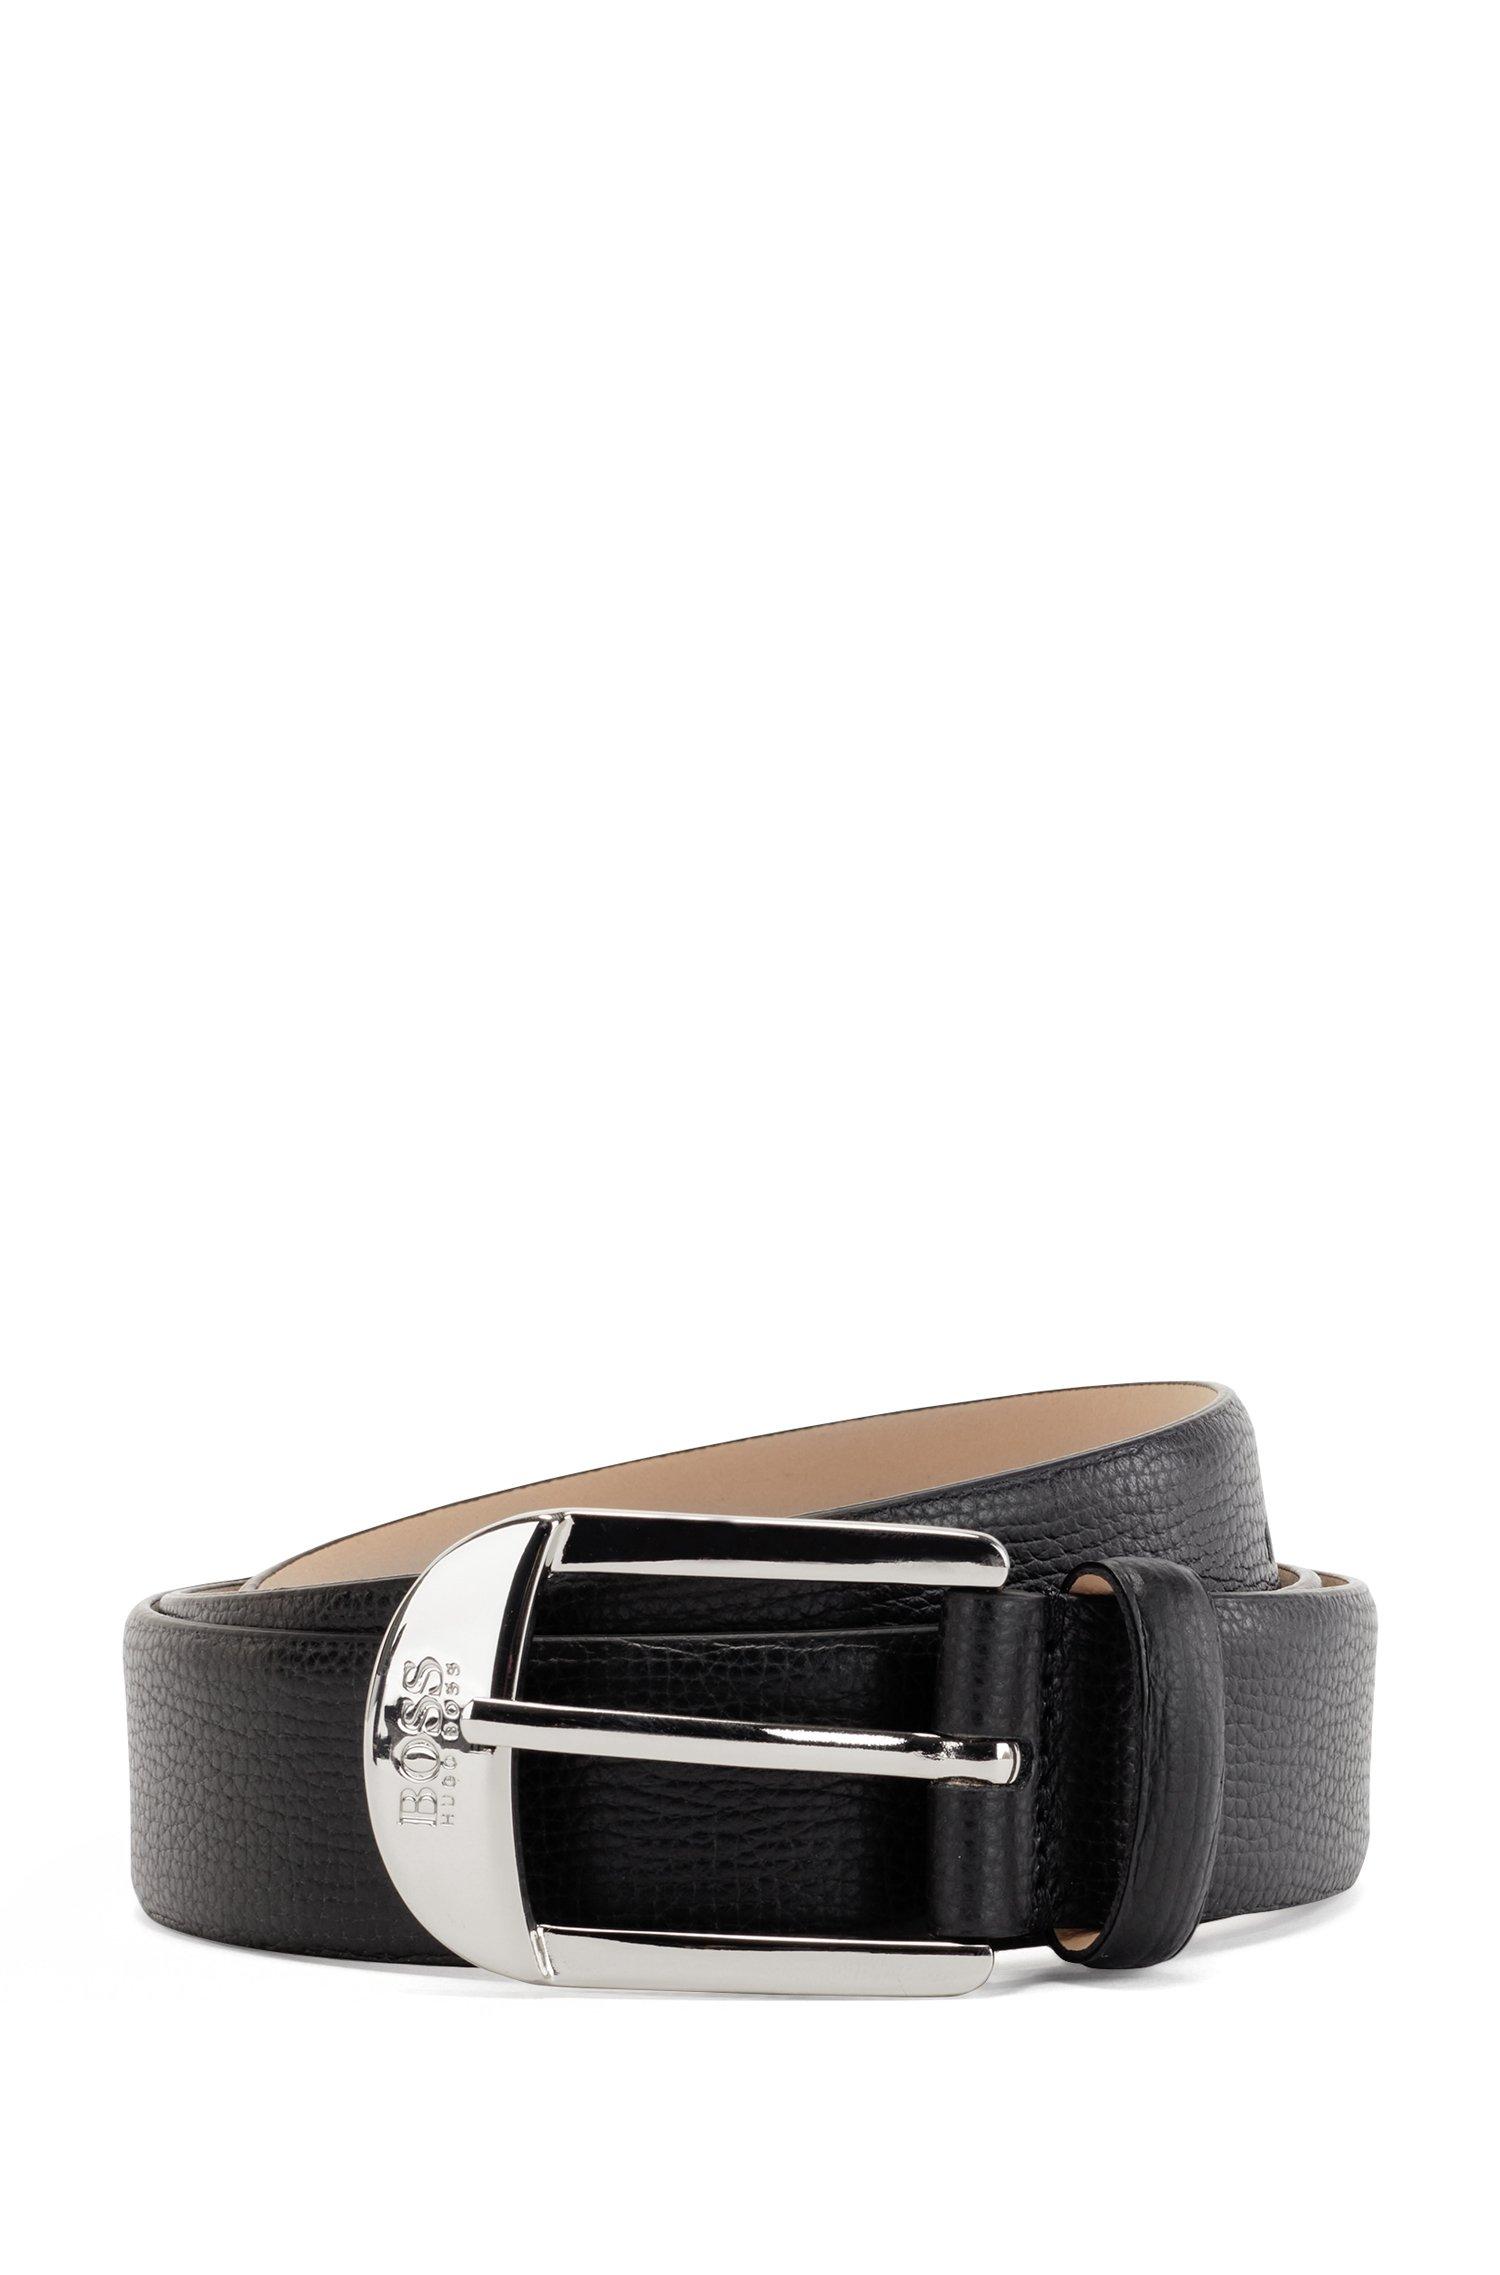 Pin-buckle belt in grained Italian leather, Black